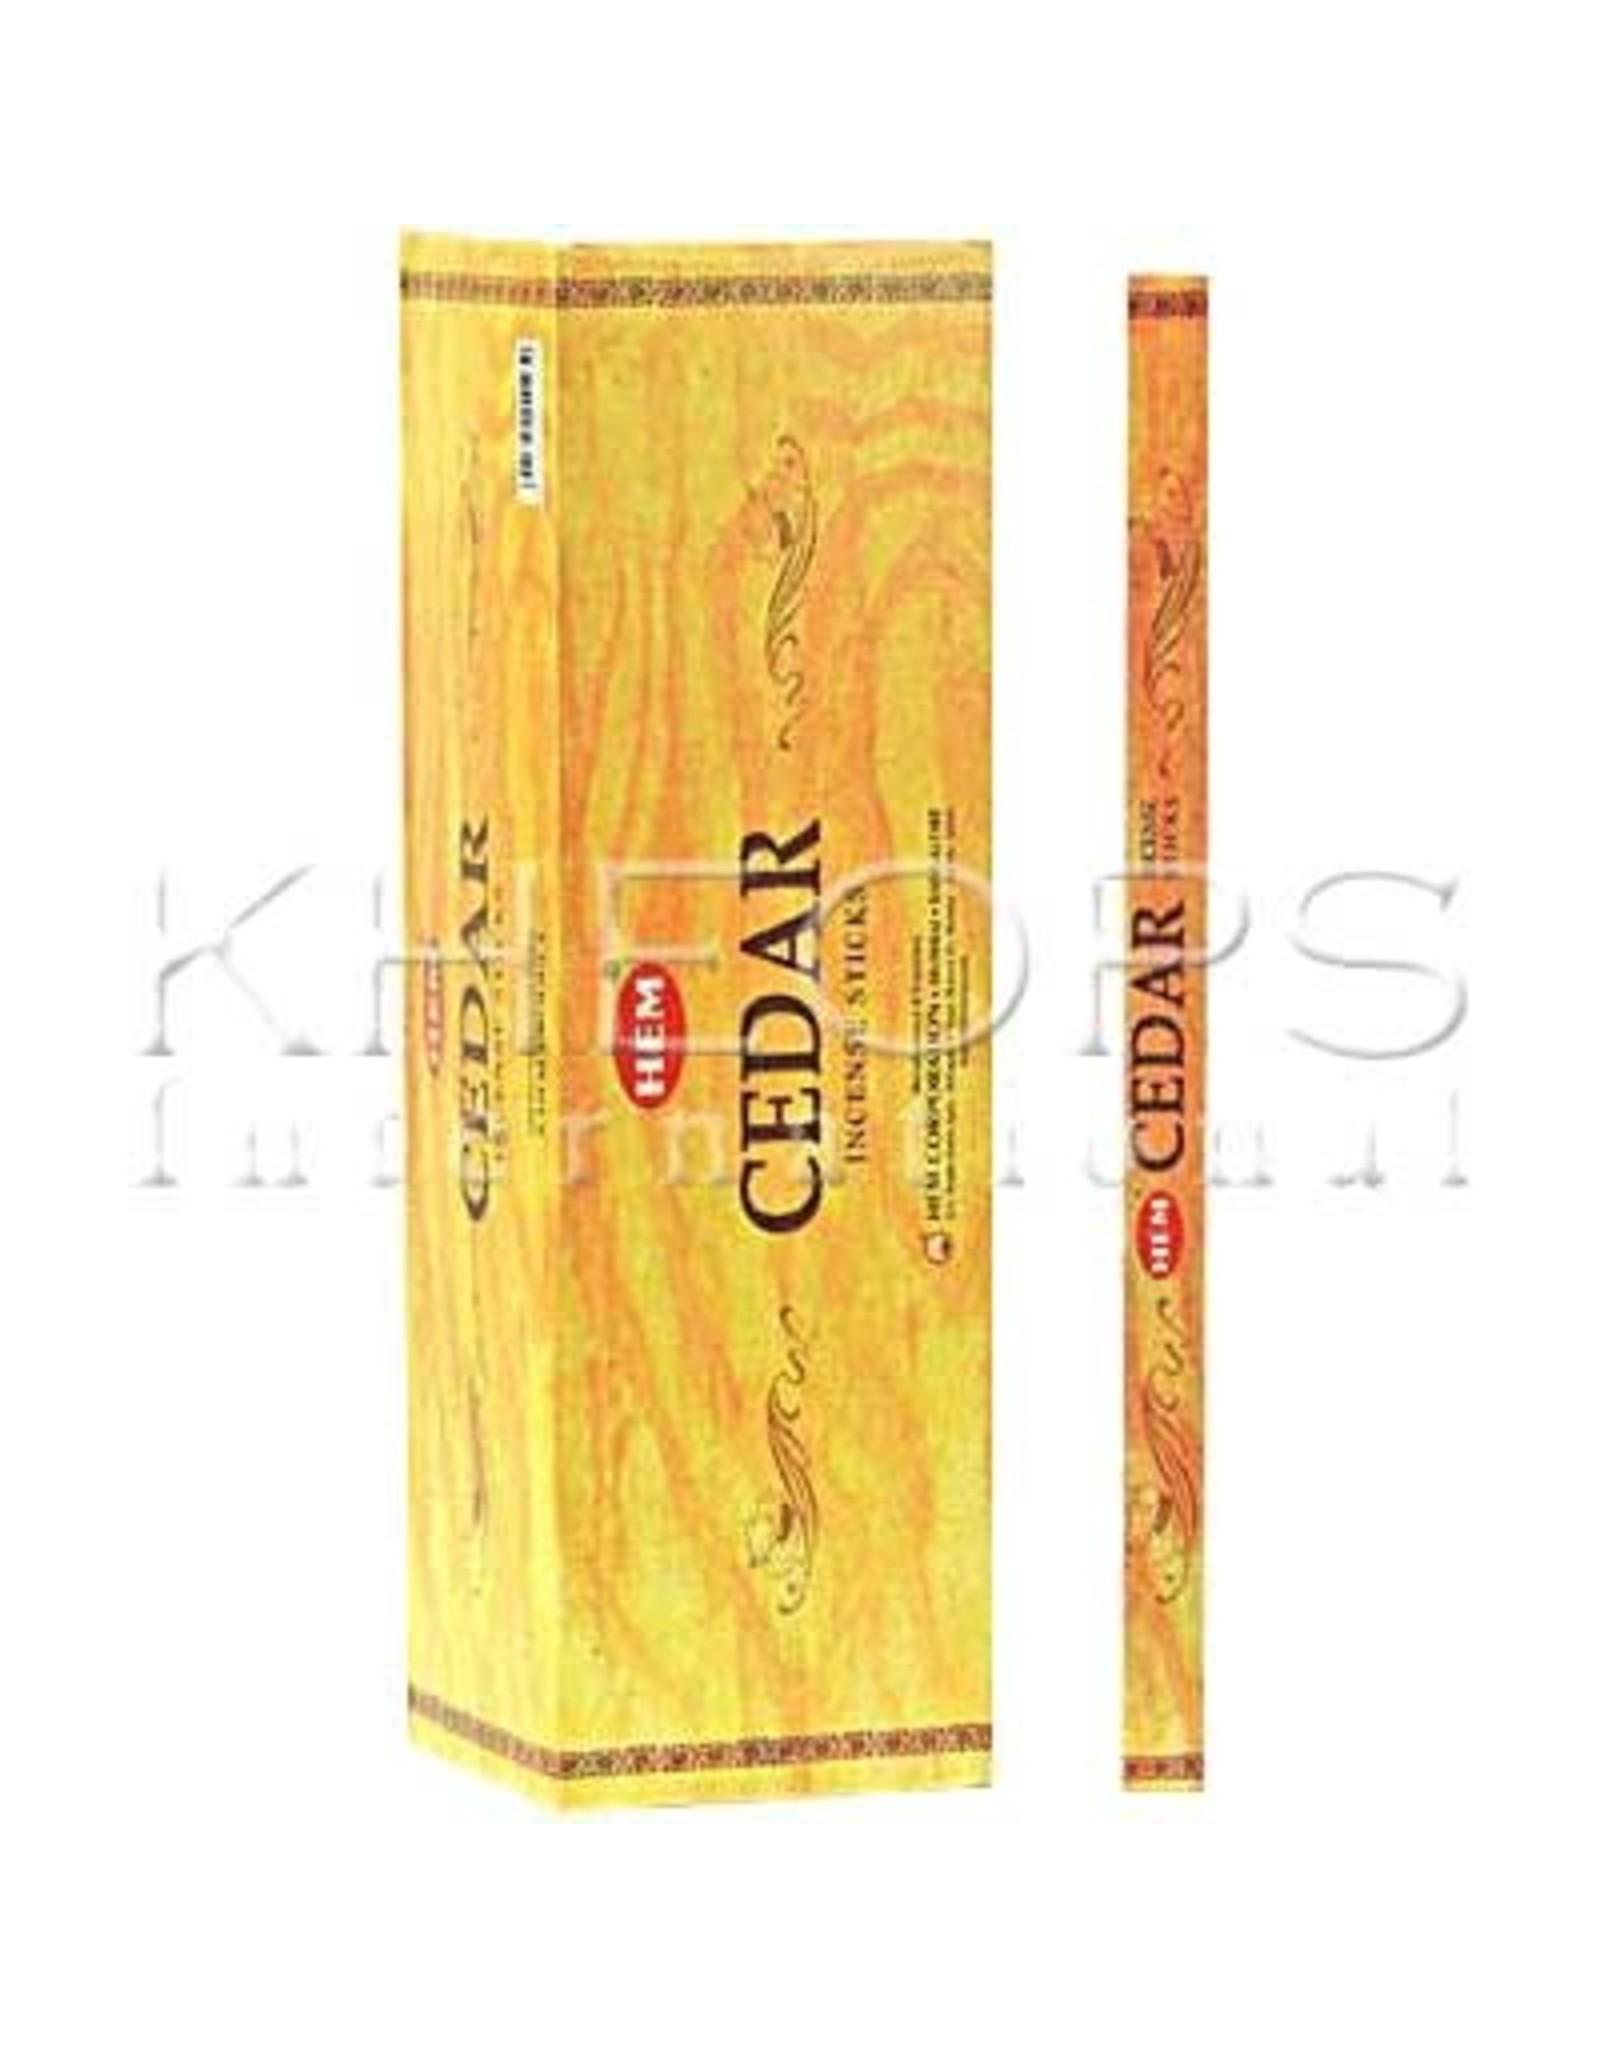 Hem HEM-Encens, Cedar 8gr